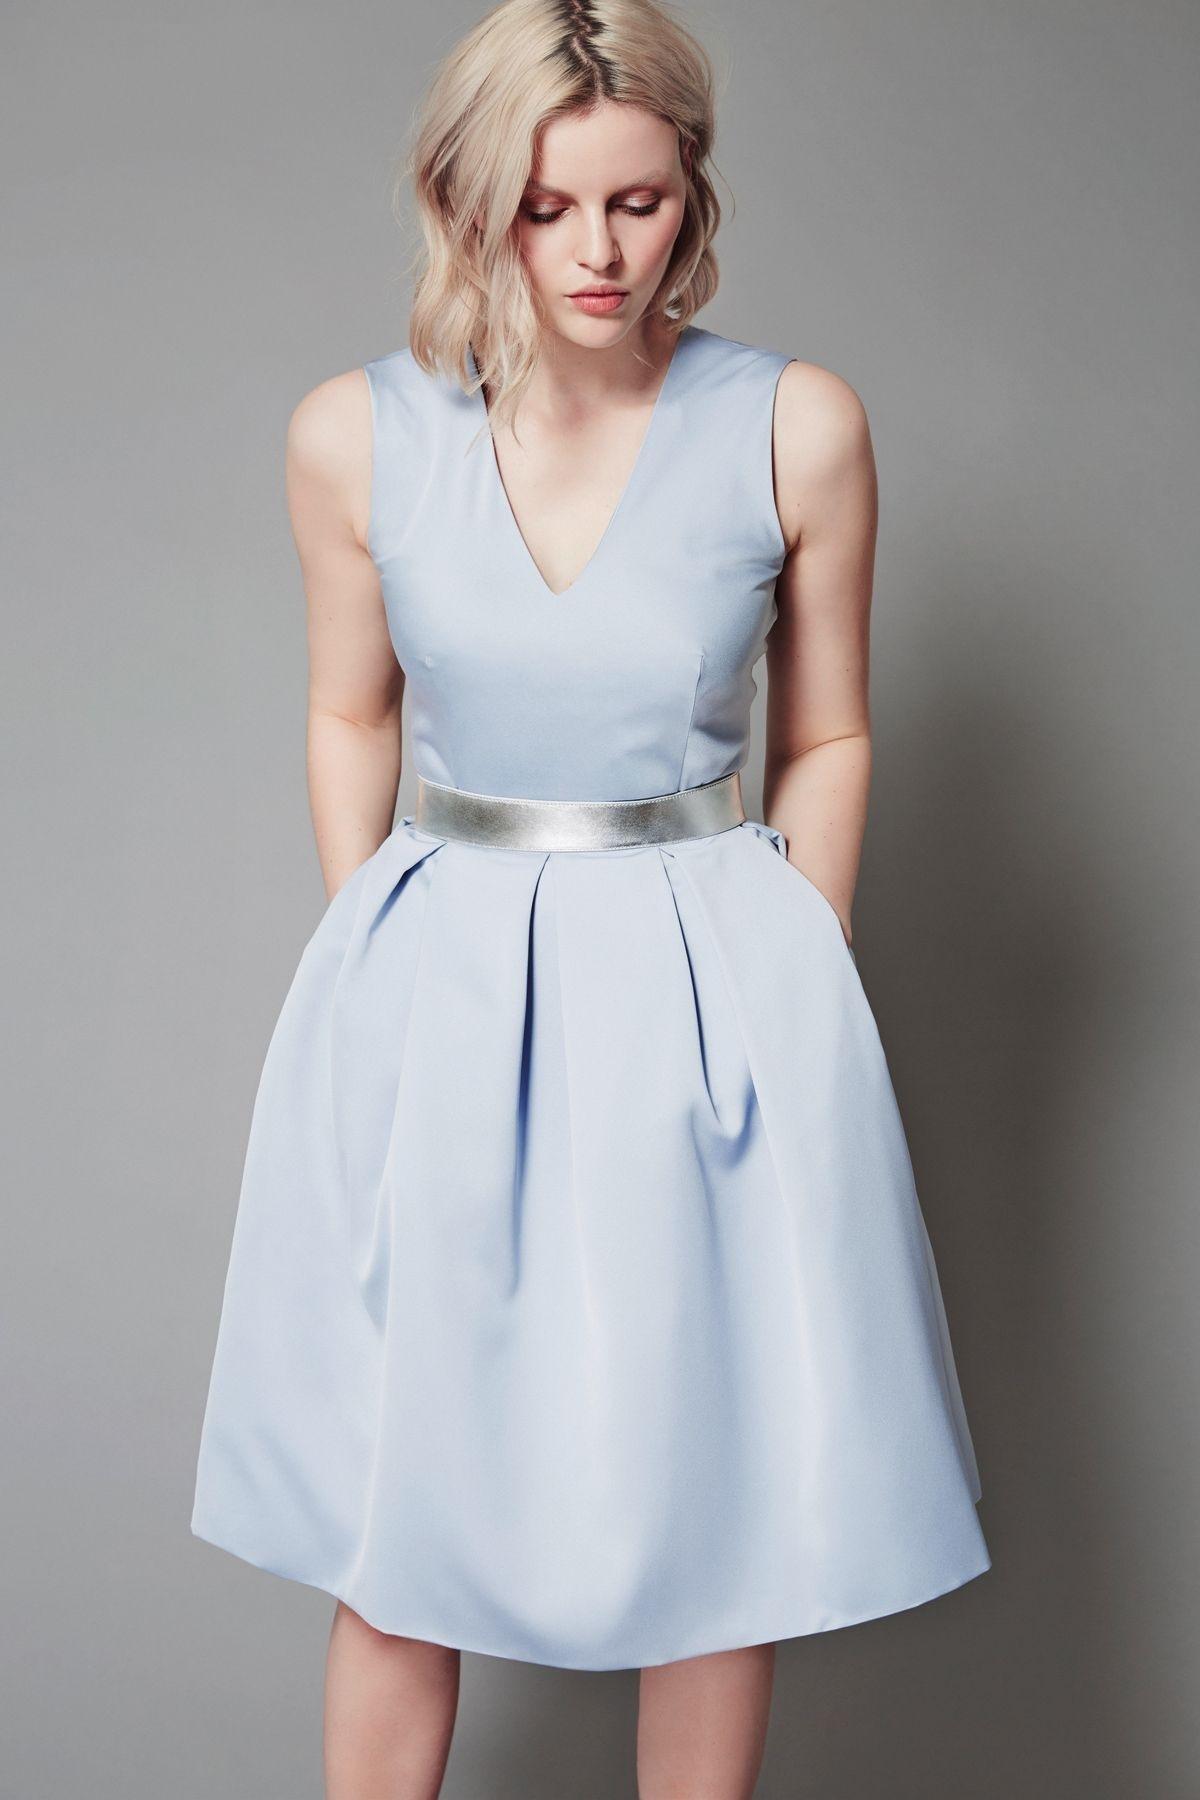 17 Luxus Kleider Für Jeden Tag SpezialgebietDesigner Leicht Kleider Für Jeden Tag Spezialgebiet